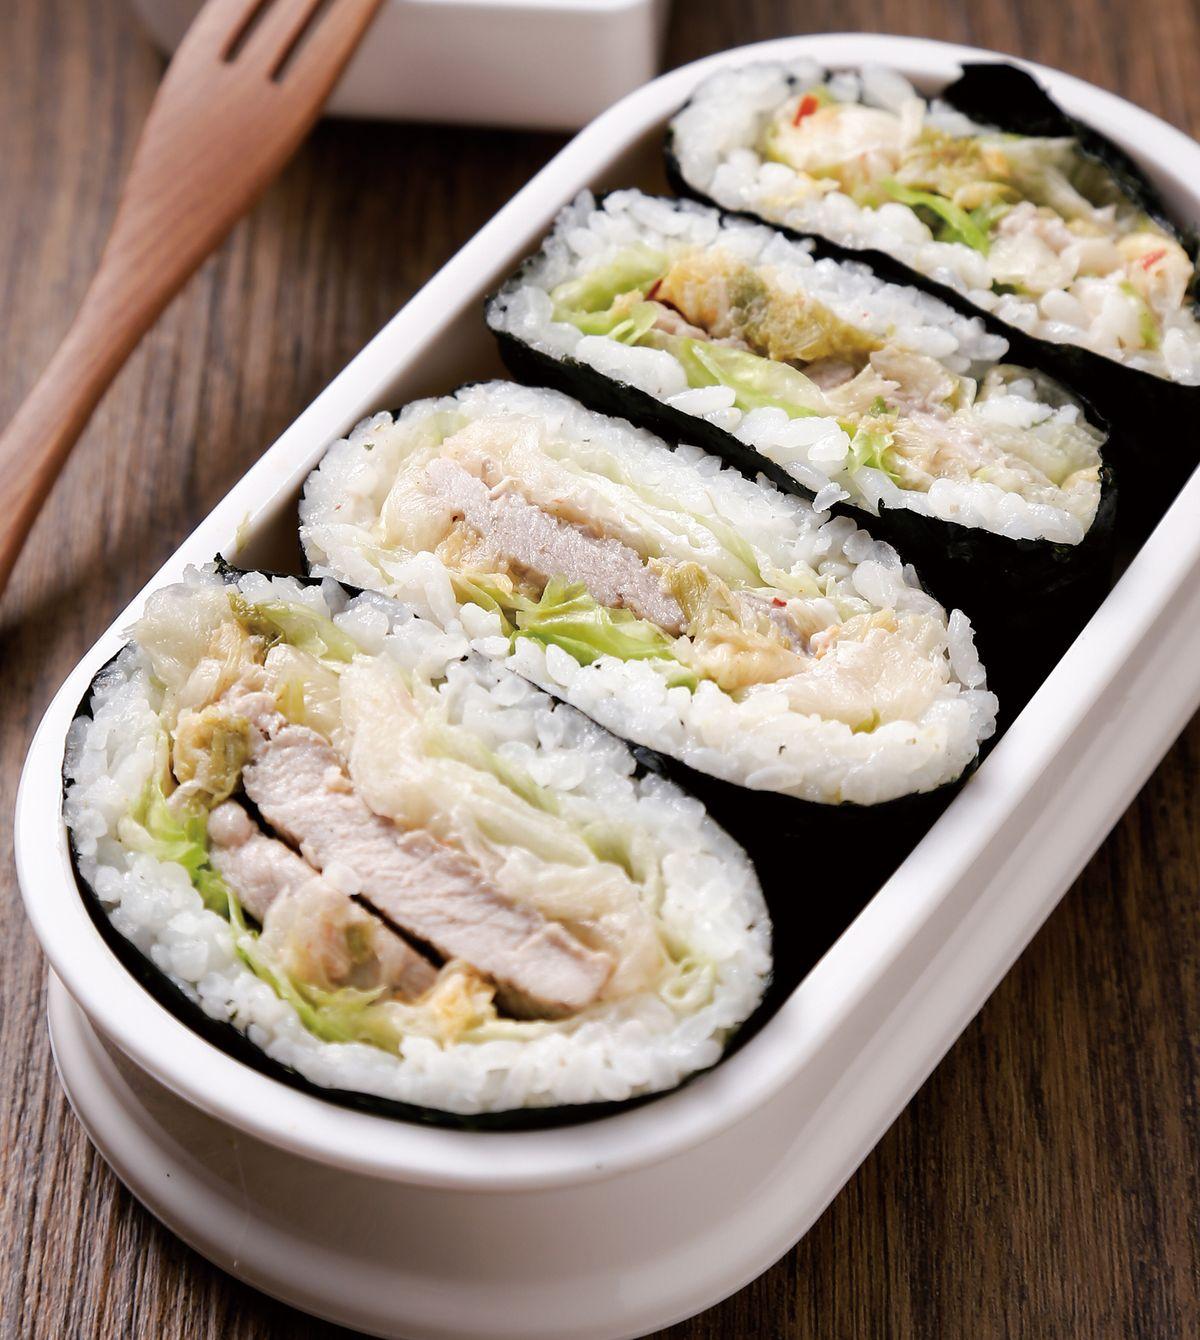 食譜:韓式泡菜海苔飯糰